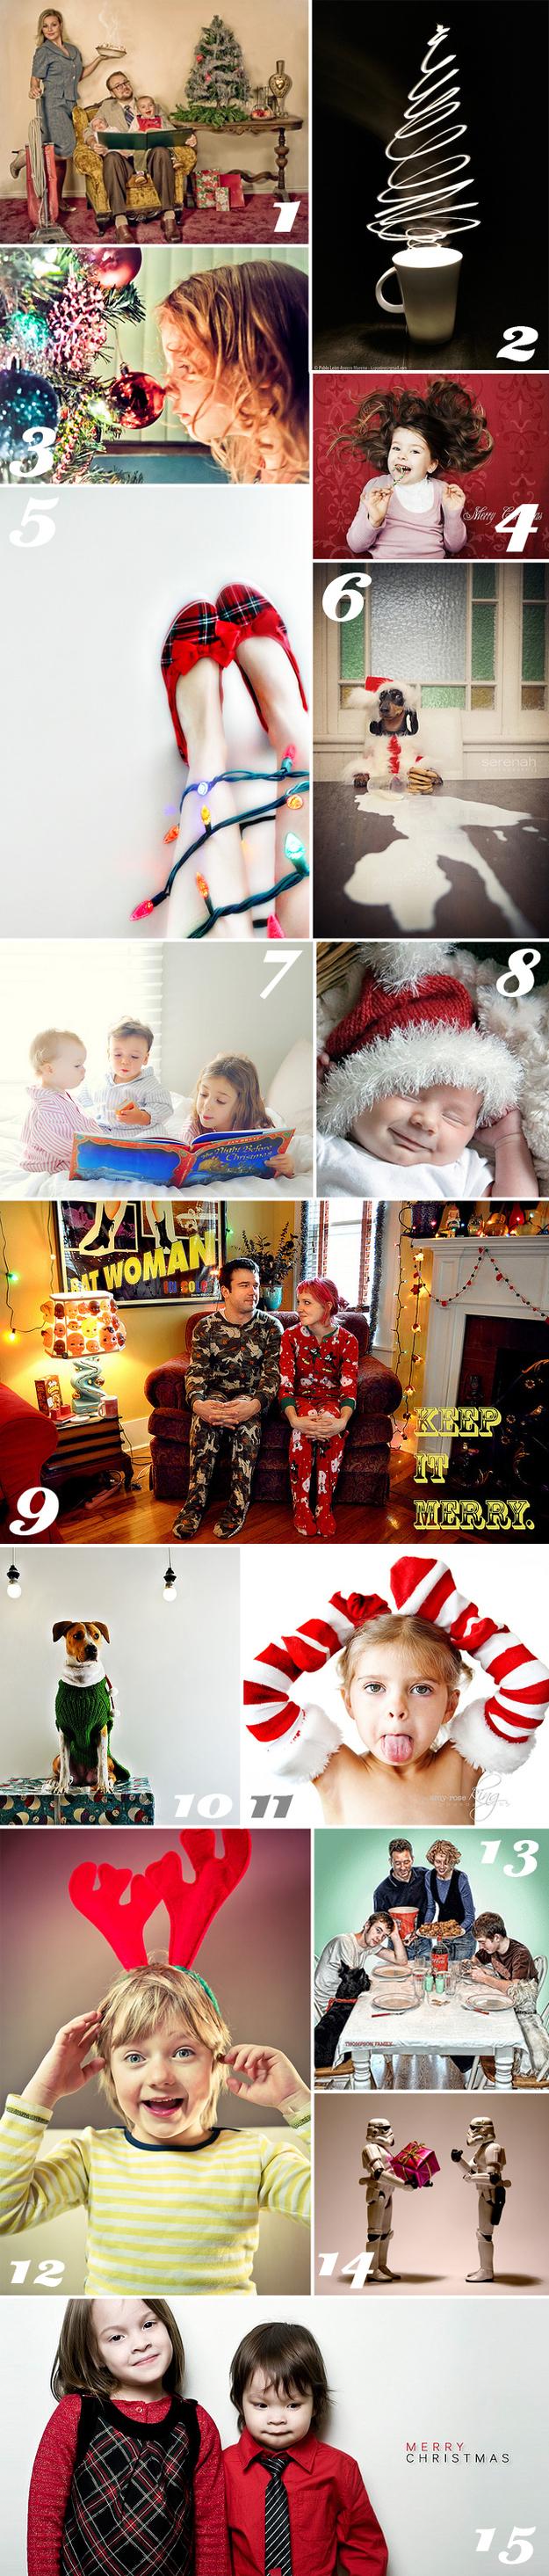 The Goofy/Artsy/Heartwarming Family Photo Card